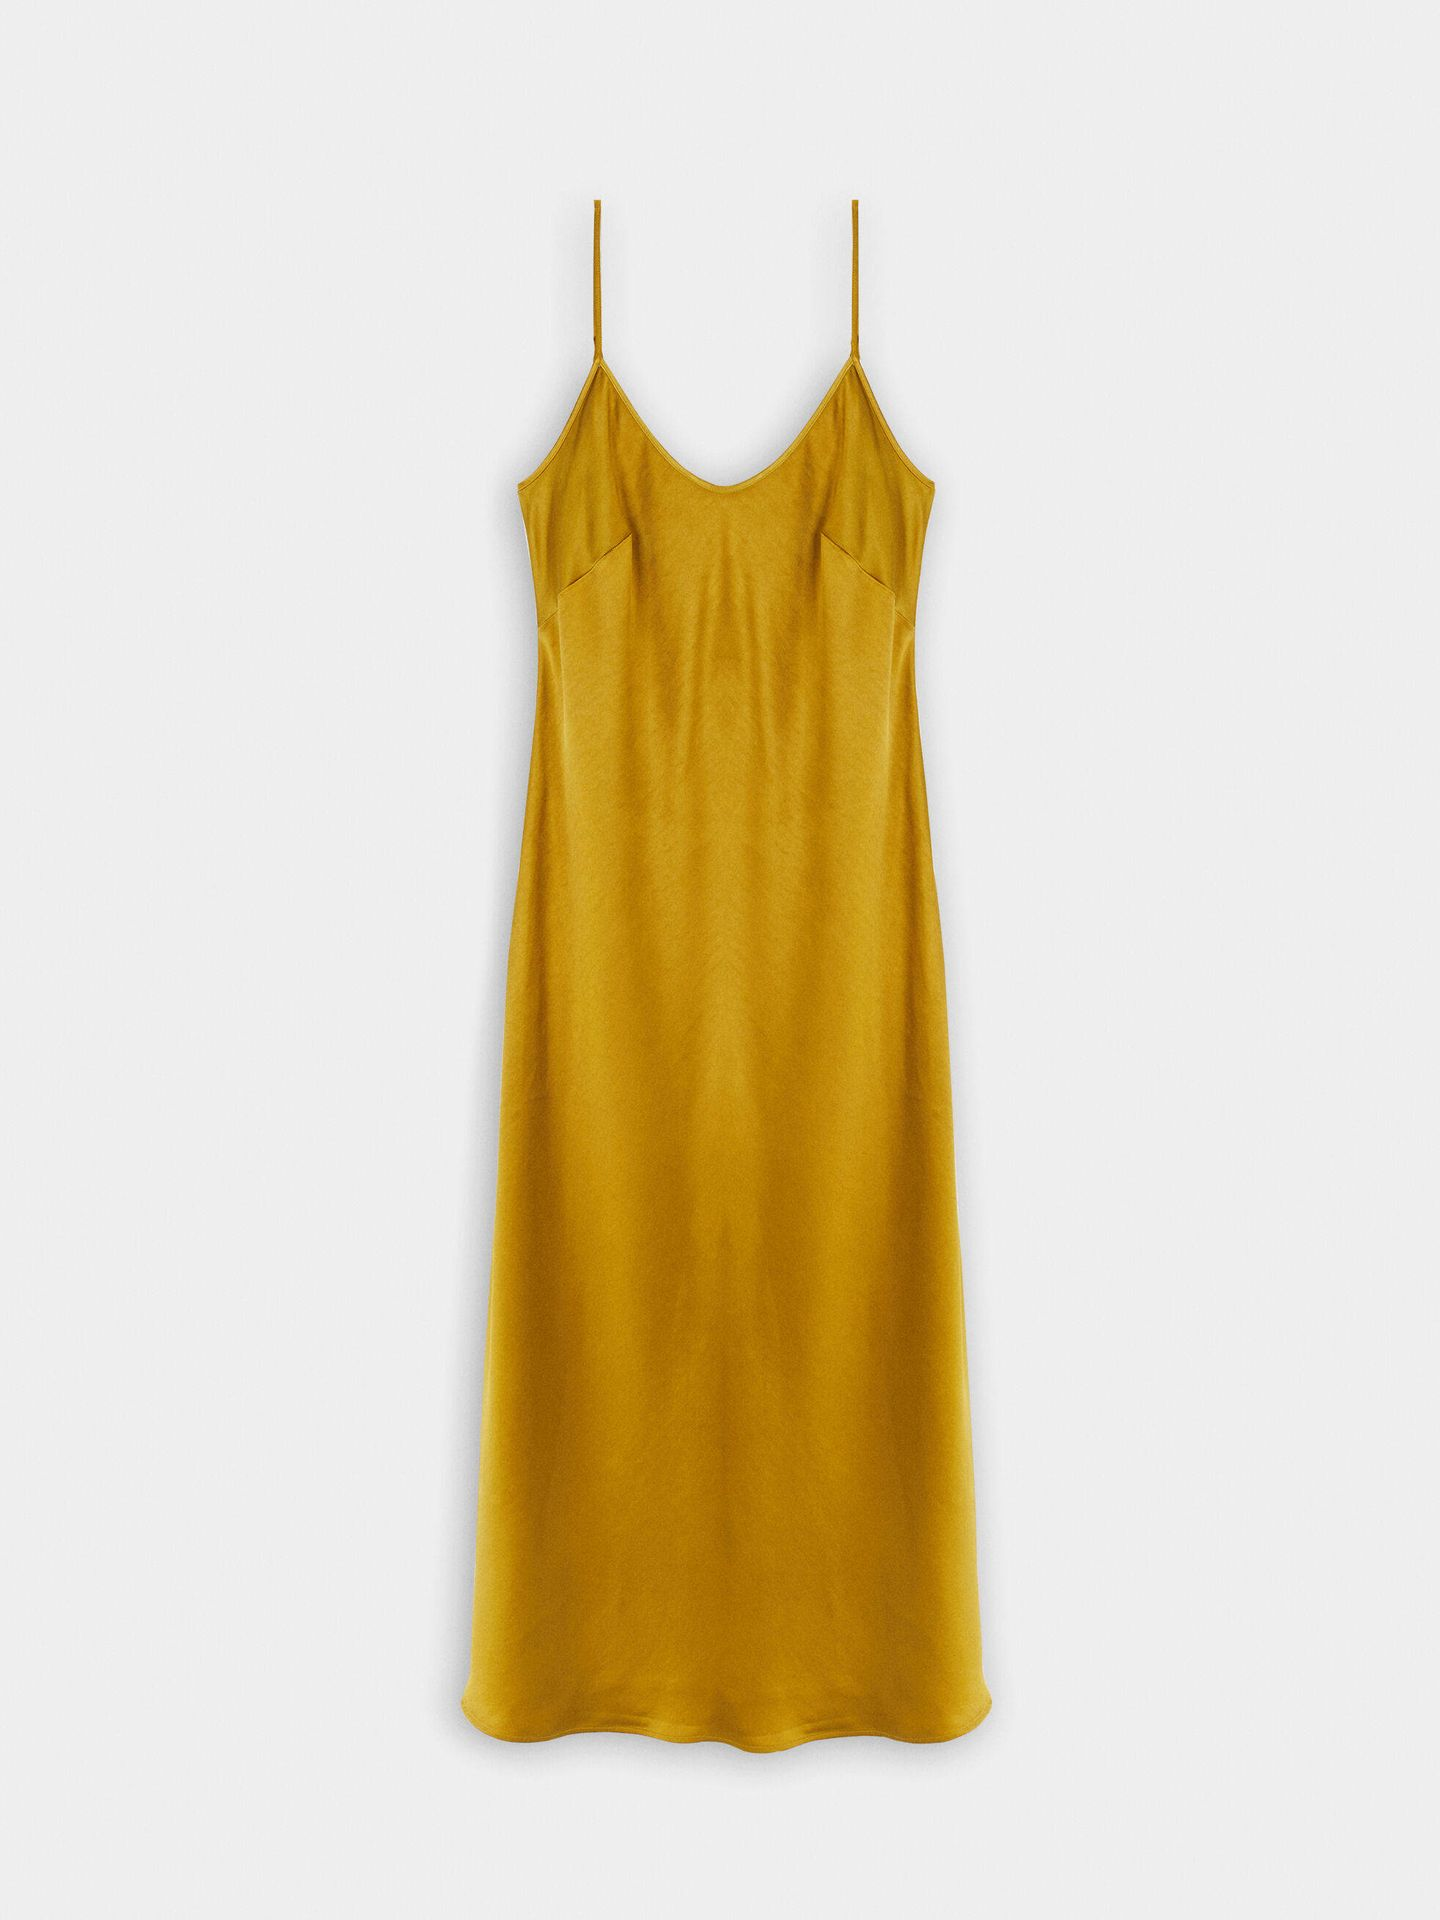 El vestido de Parfois. (Cortesía)